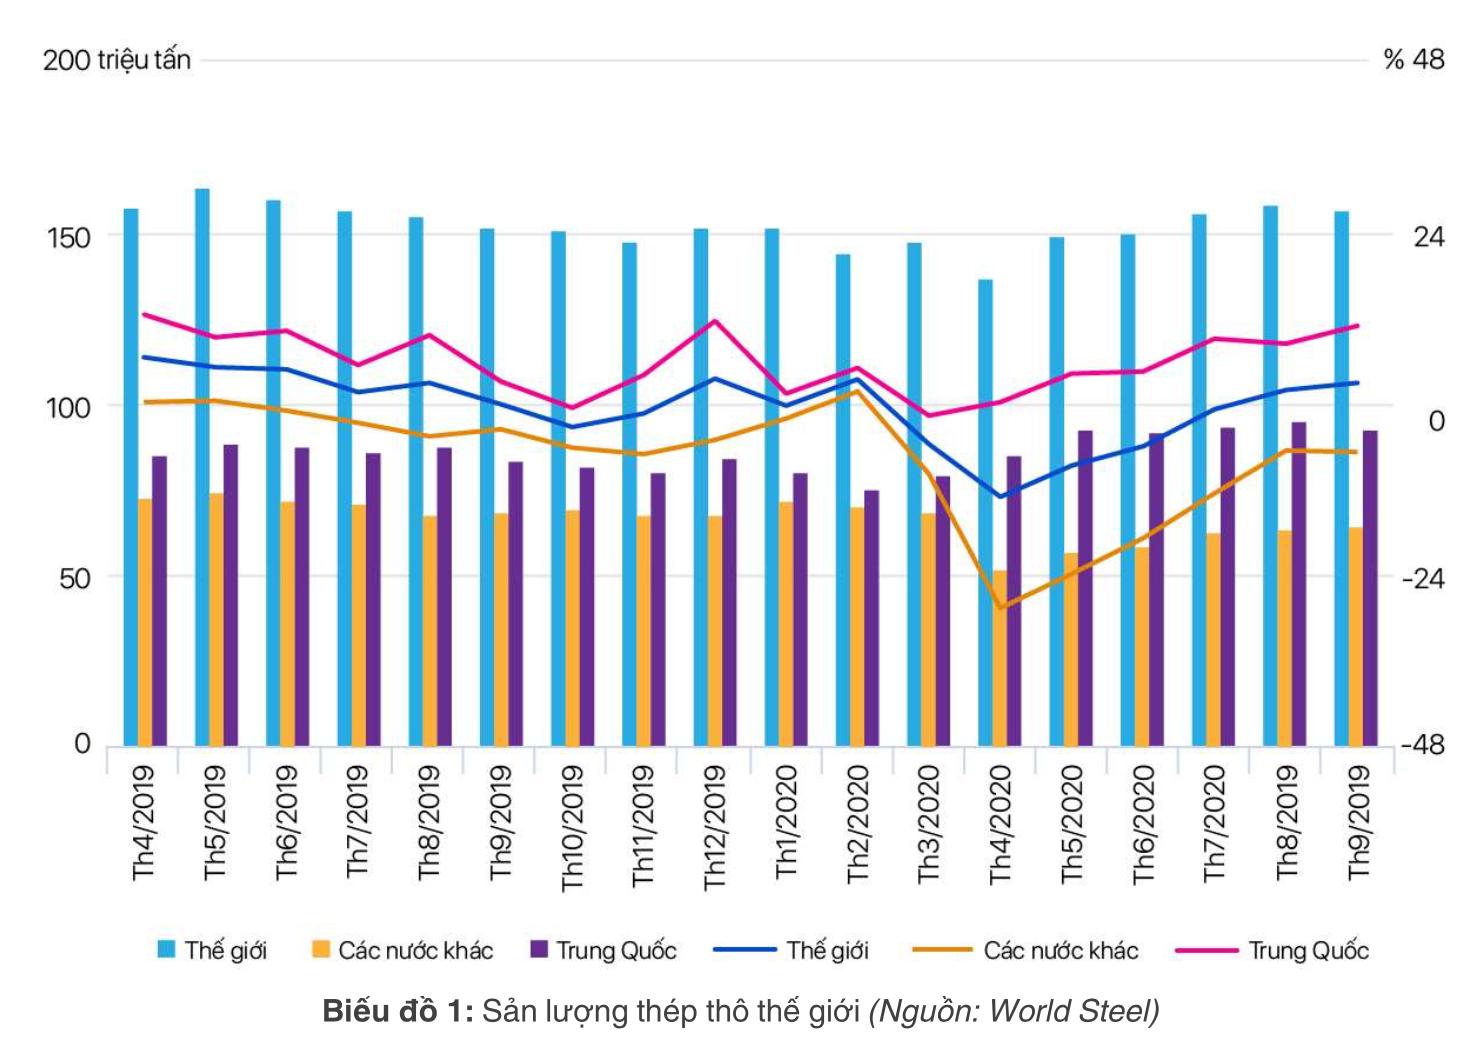 [Báo cáo] Thị trường thép tháng 10/2020: Sản lượng thép đạt mức cao nhất trong hai năm trở lại đây - Ảnh 1.